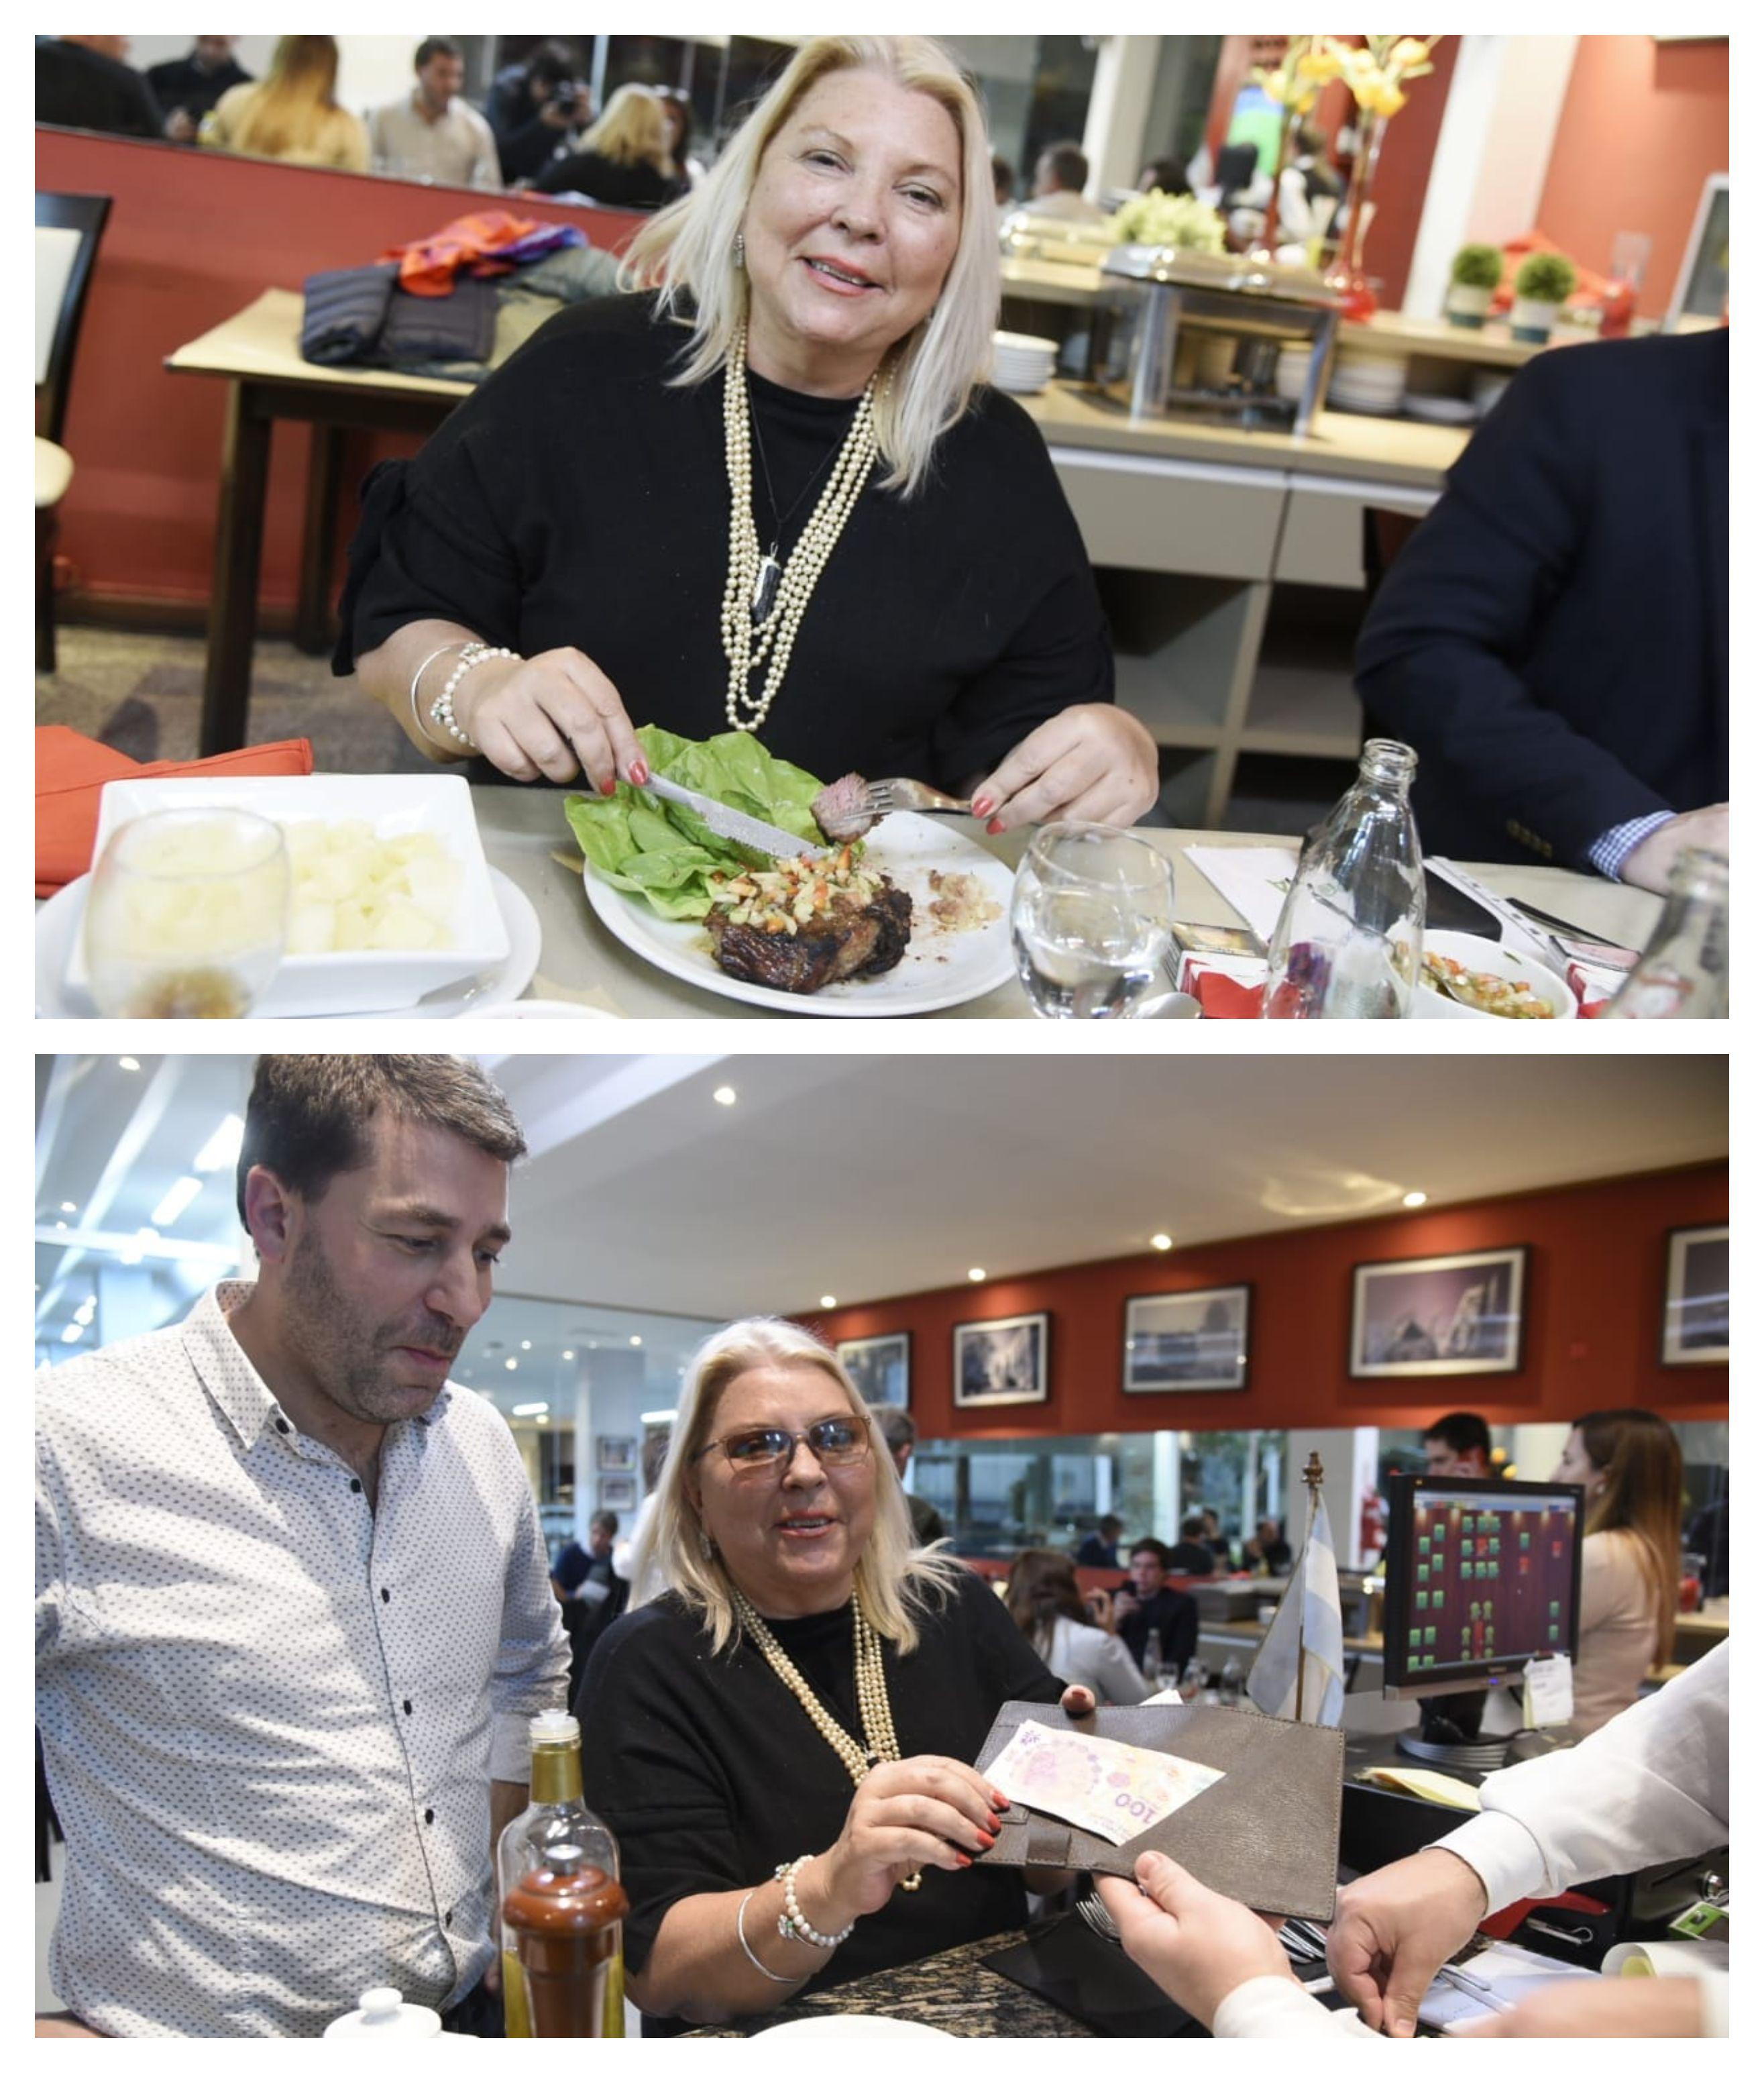 Elisa Carrió comiendo un bife de chorizo y cumpliendo con su propuesta de dar propina